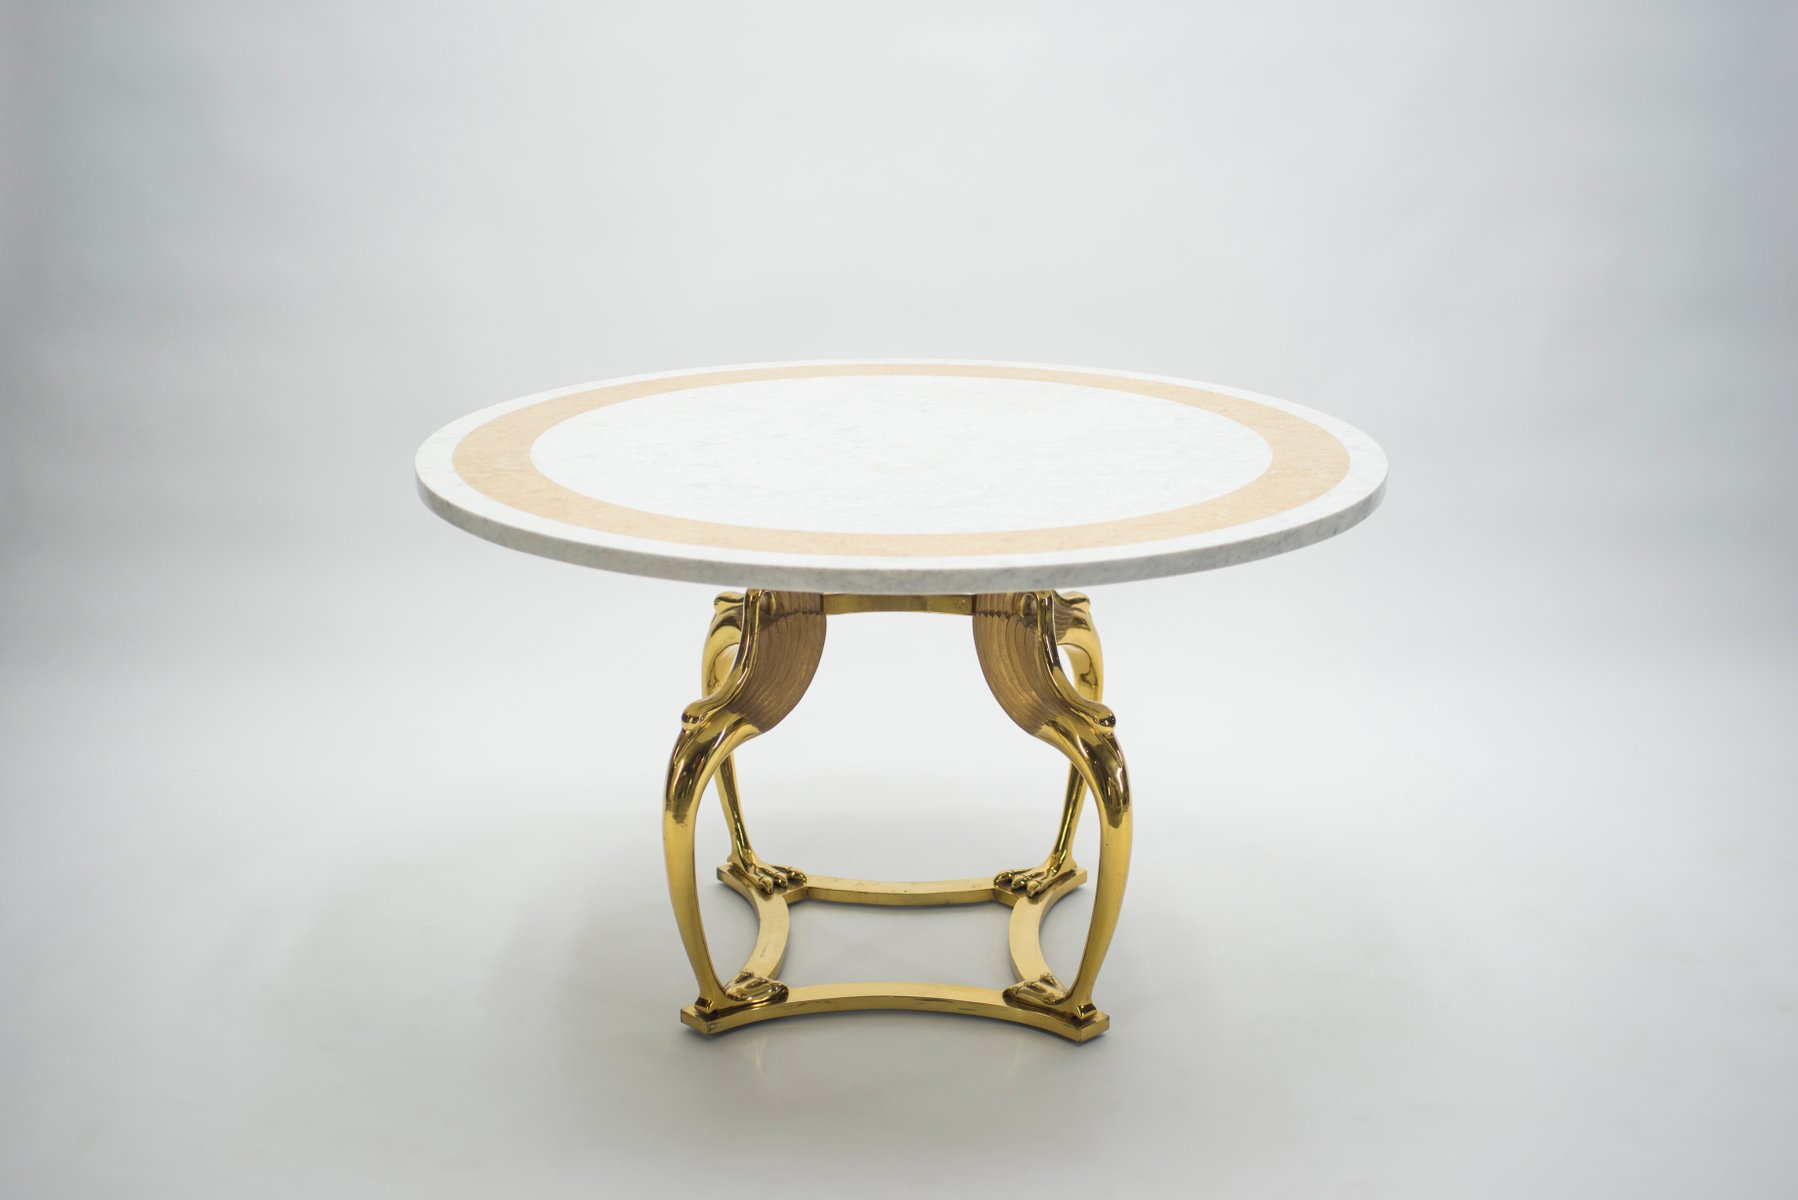 table de salle manger en laiton en marbre par robert thibier 1970s en vente sur pamono. Black Bedroom Furniture Sets. Home Design Ideas